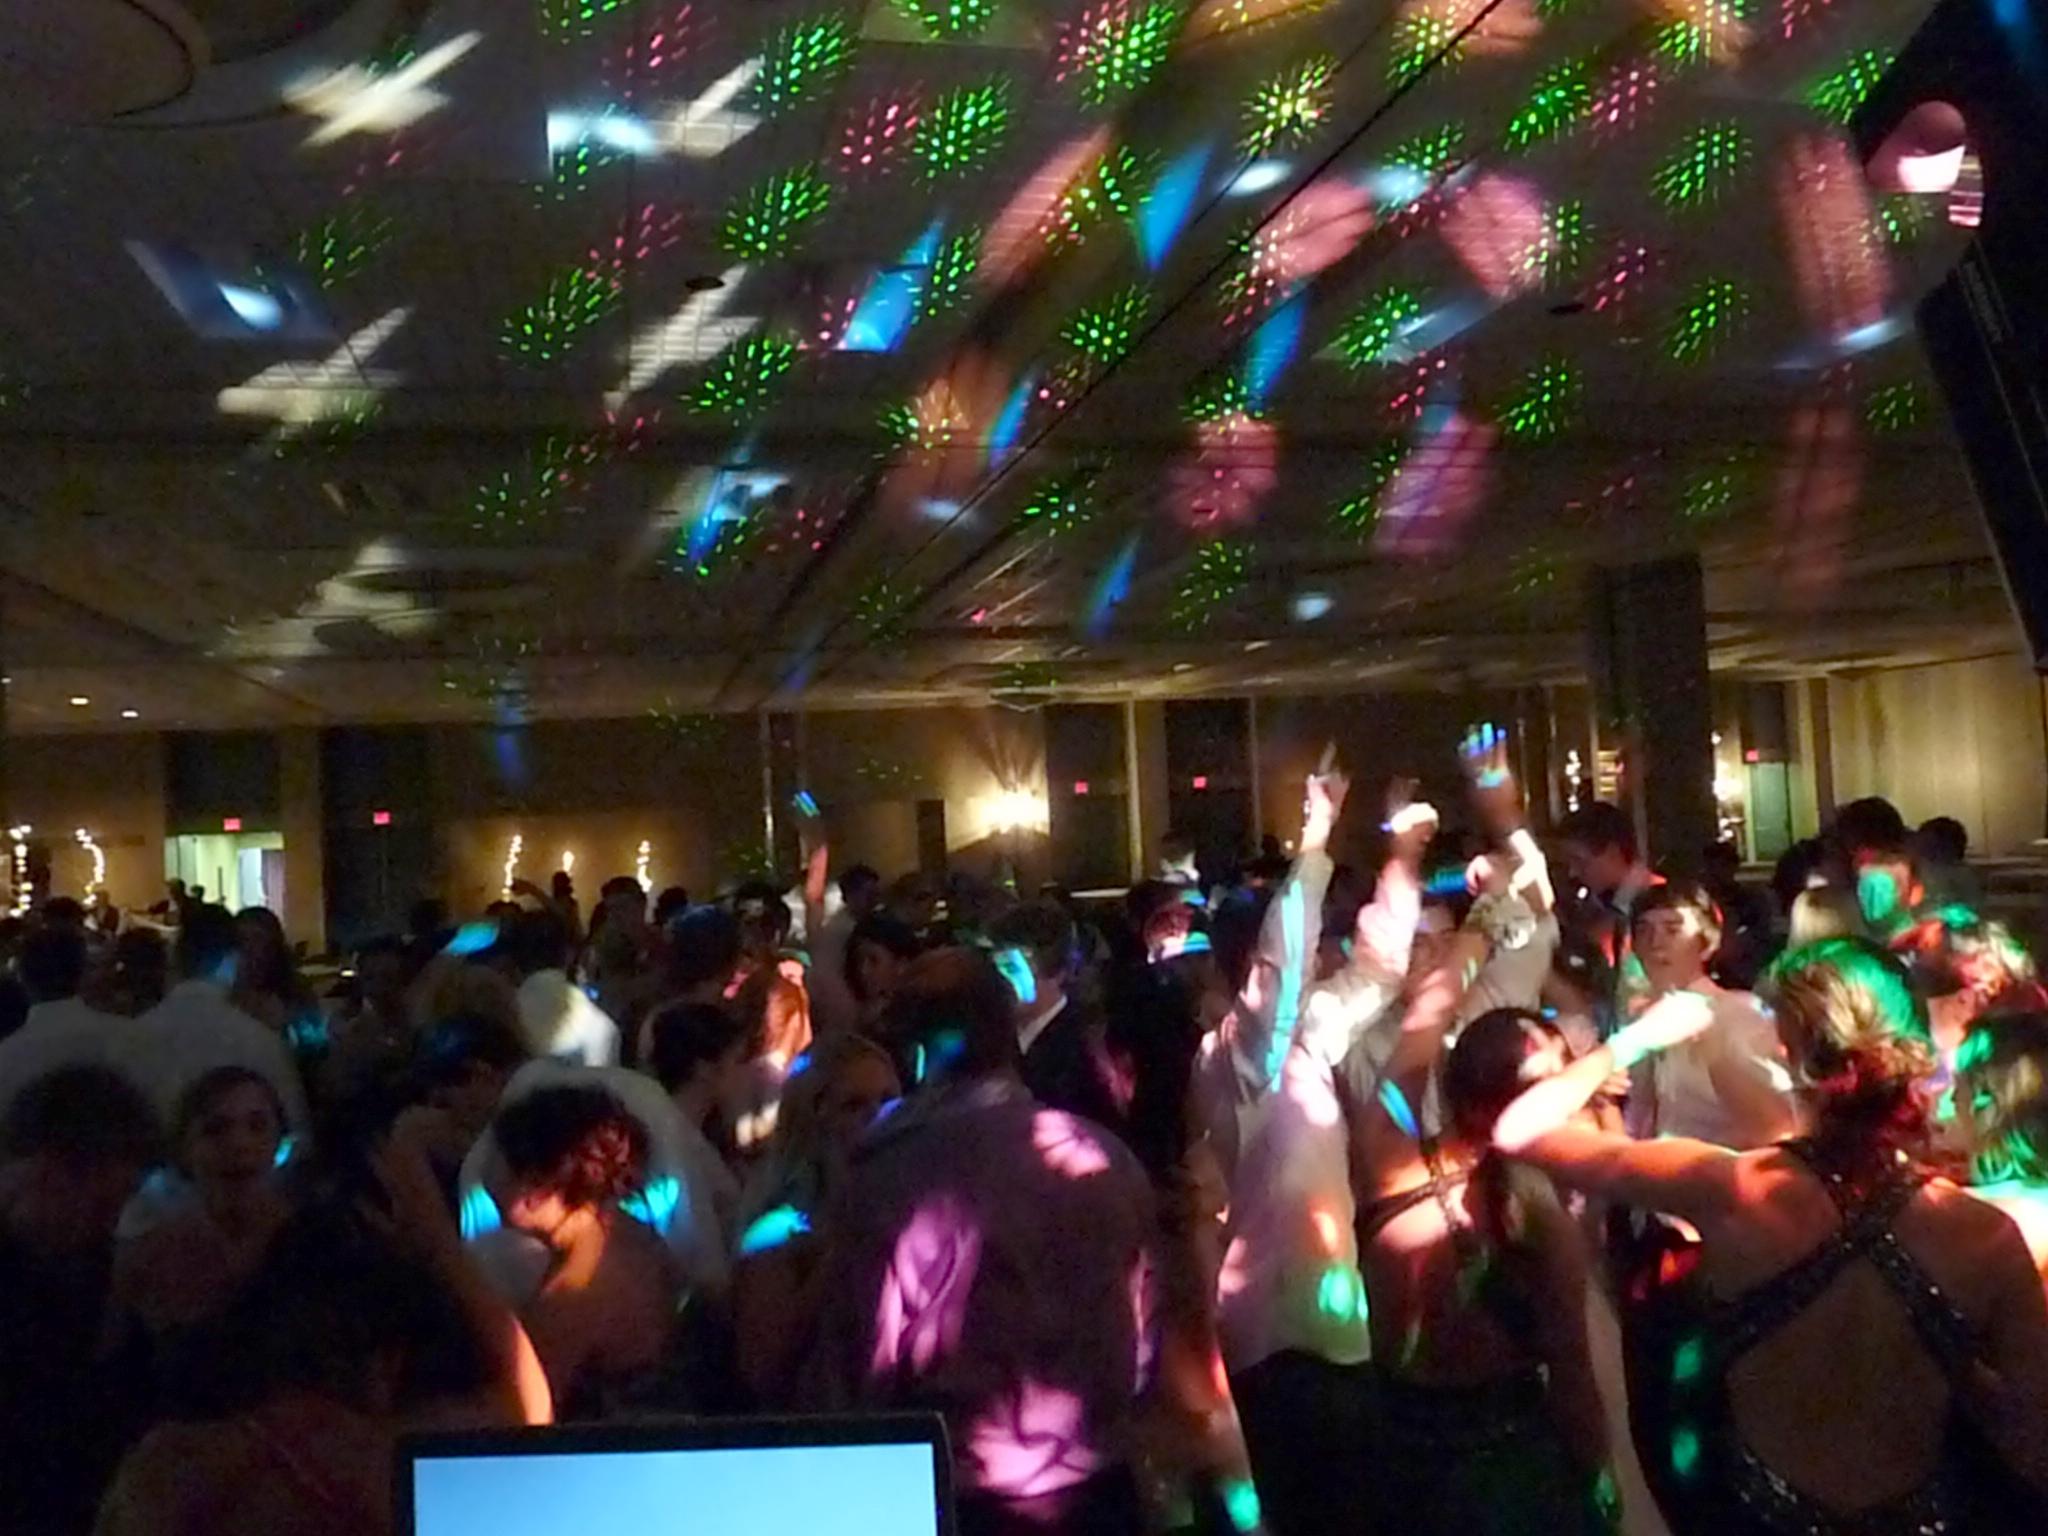 Dance Floor Light Show